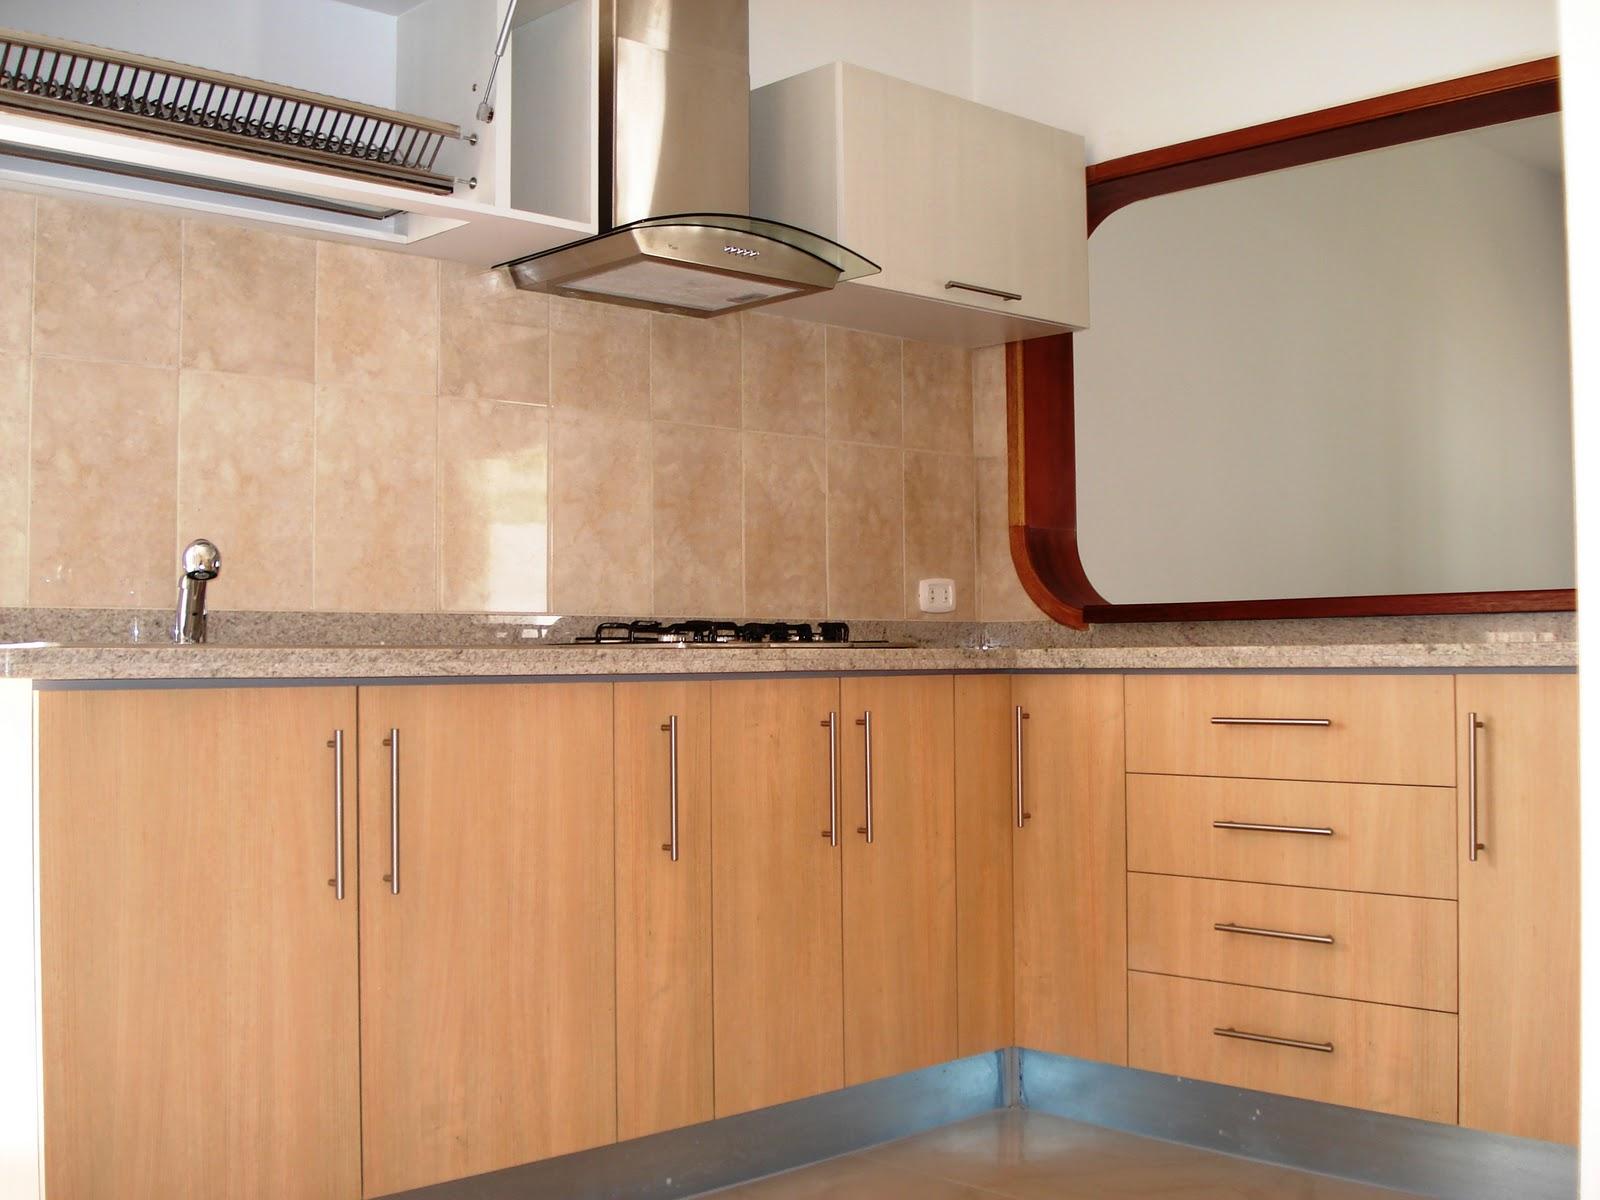 Cocinas empotradas pisos laminados closet s for Cocinas y closets